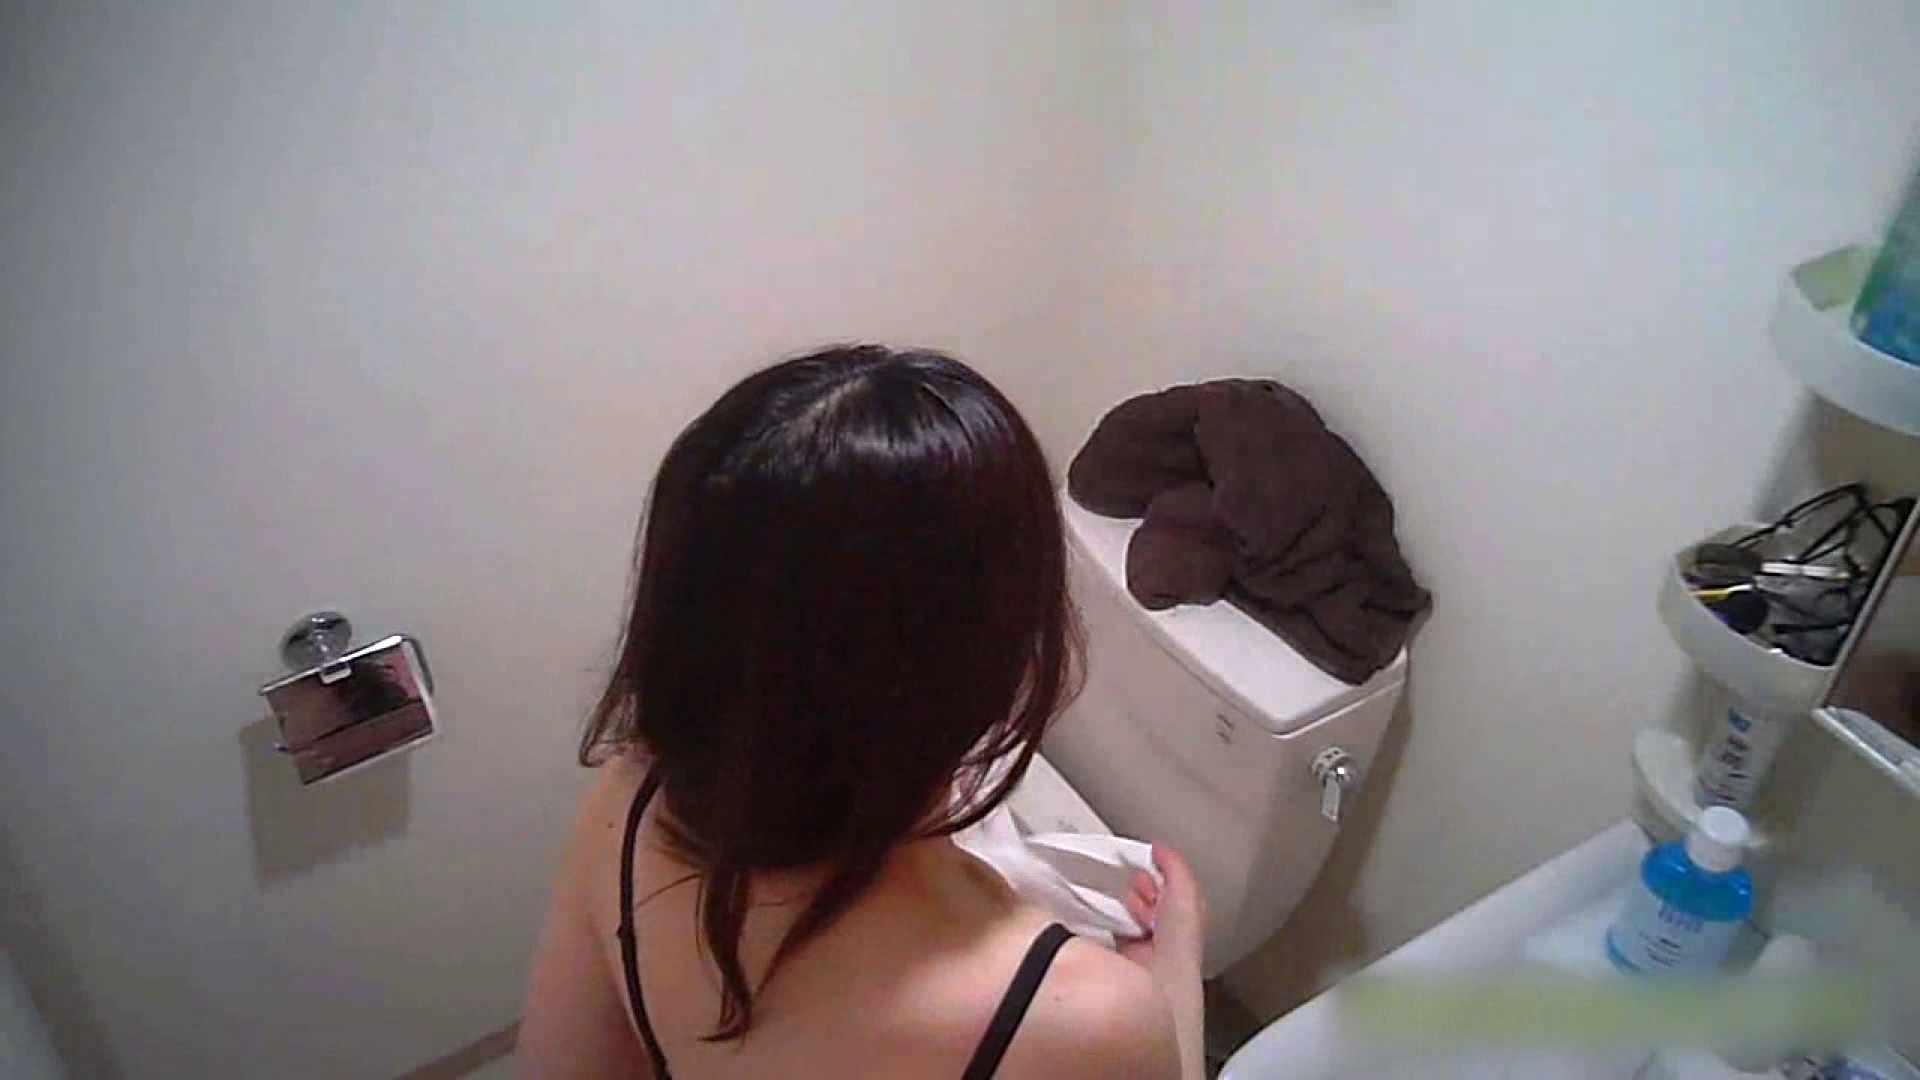 元気いっぱいノリノリ系なB子23歳(仮名)Vol.01 トイレ着替え編 トイレ | 着替えハメ撮り  73画像 27